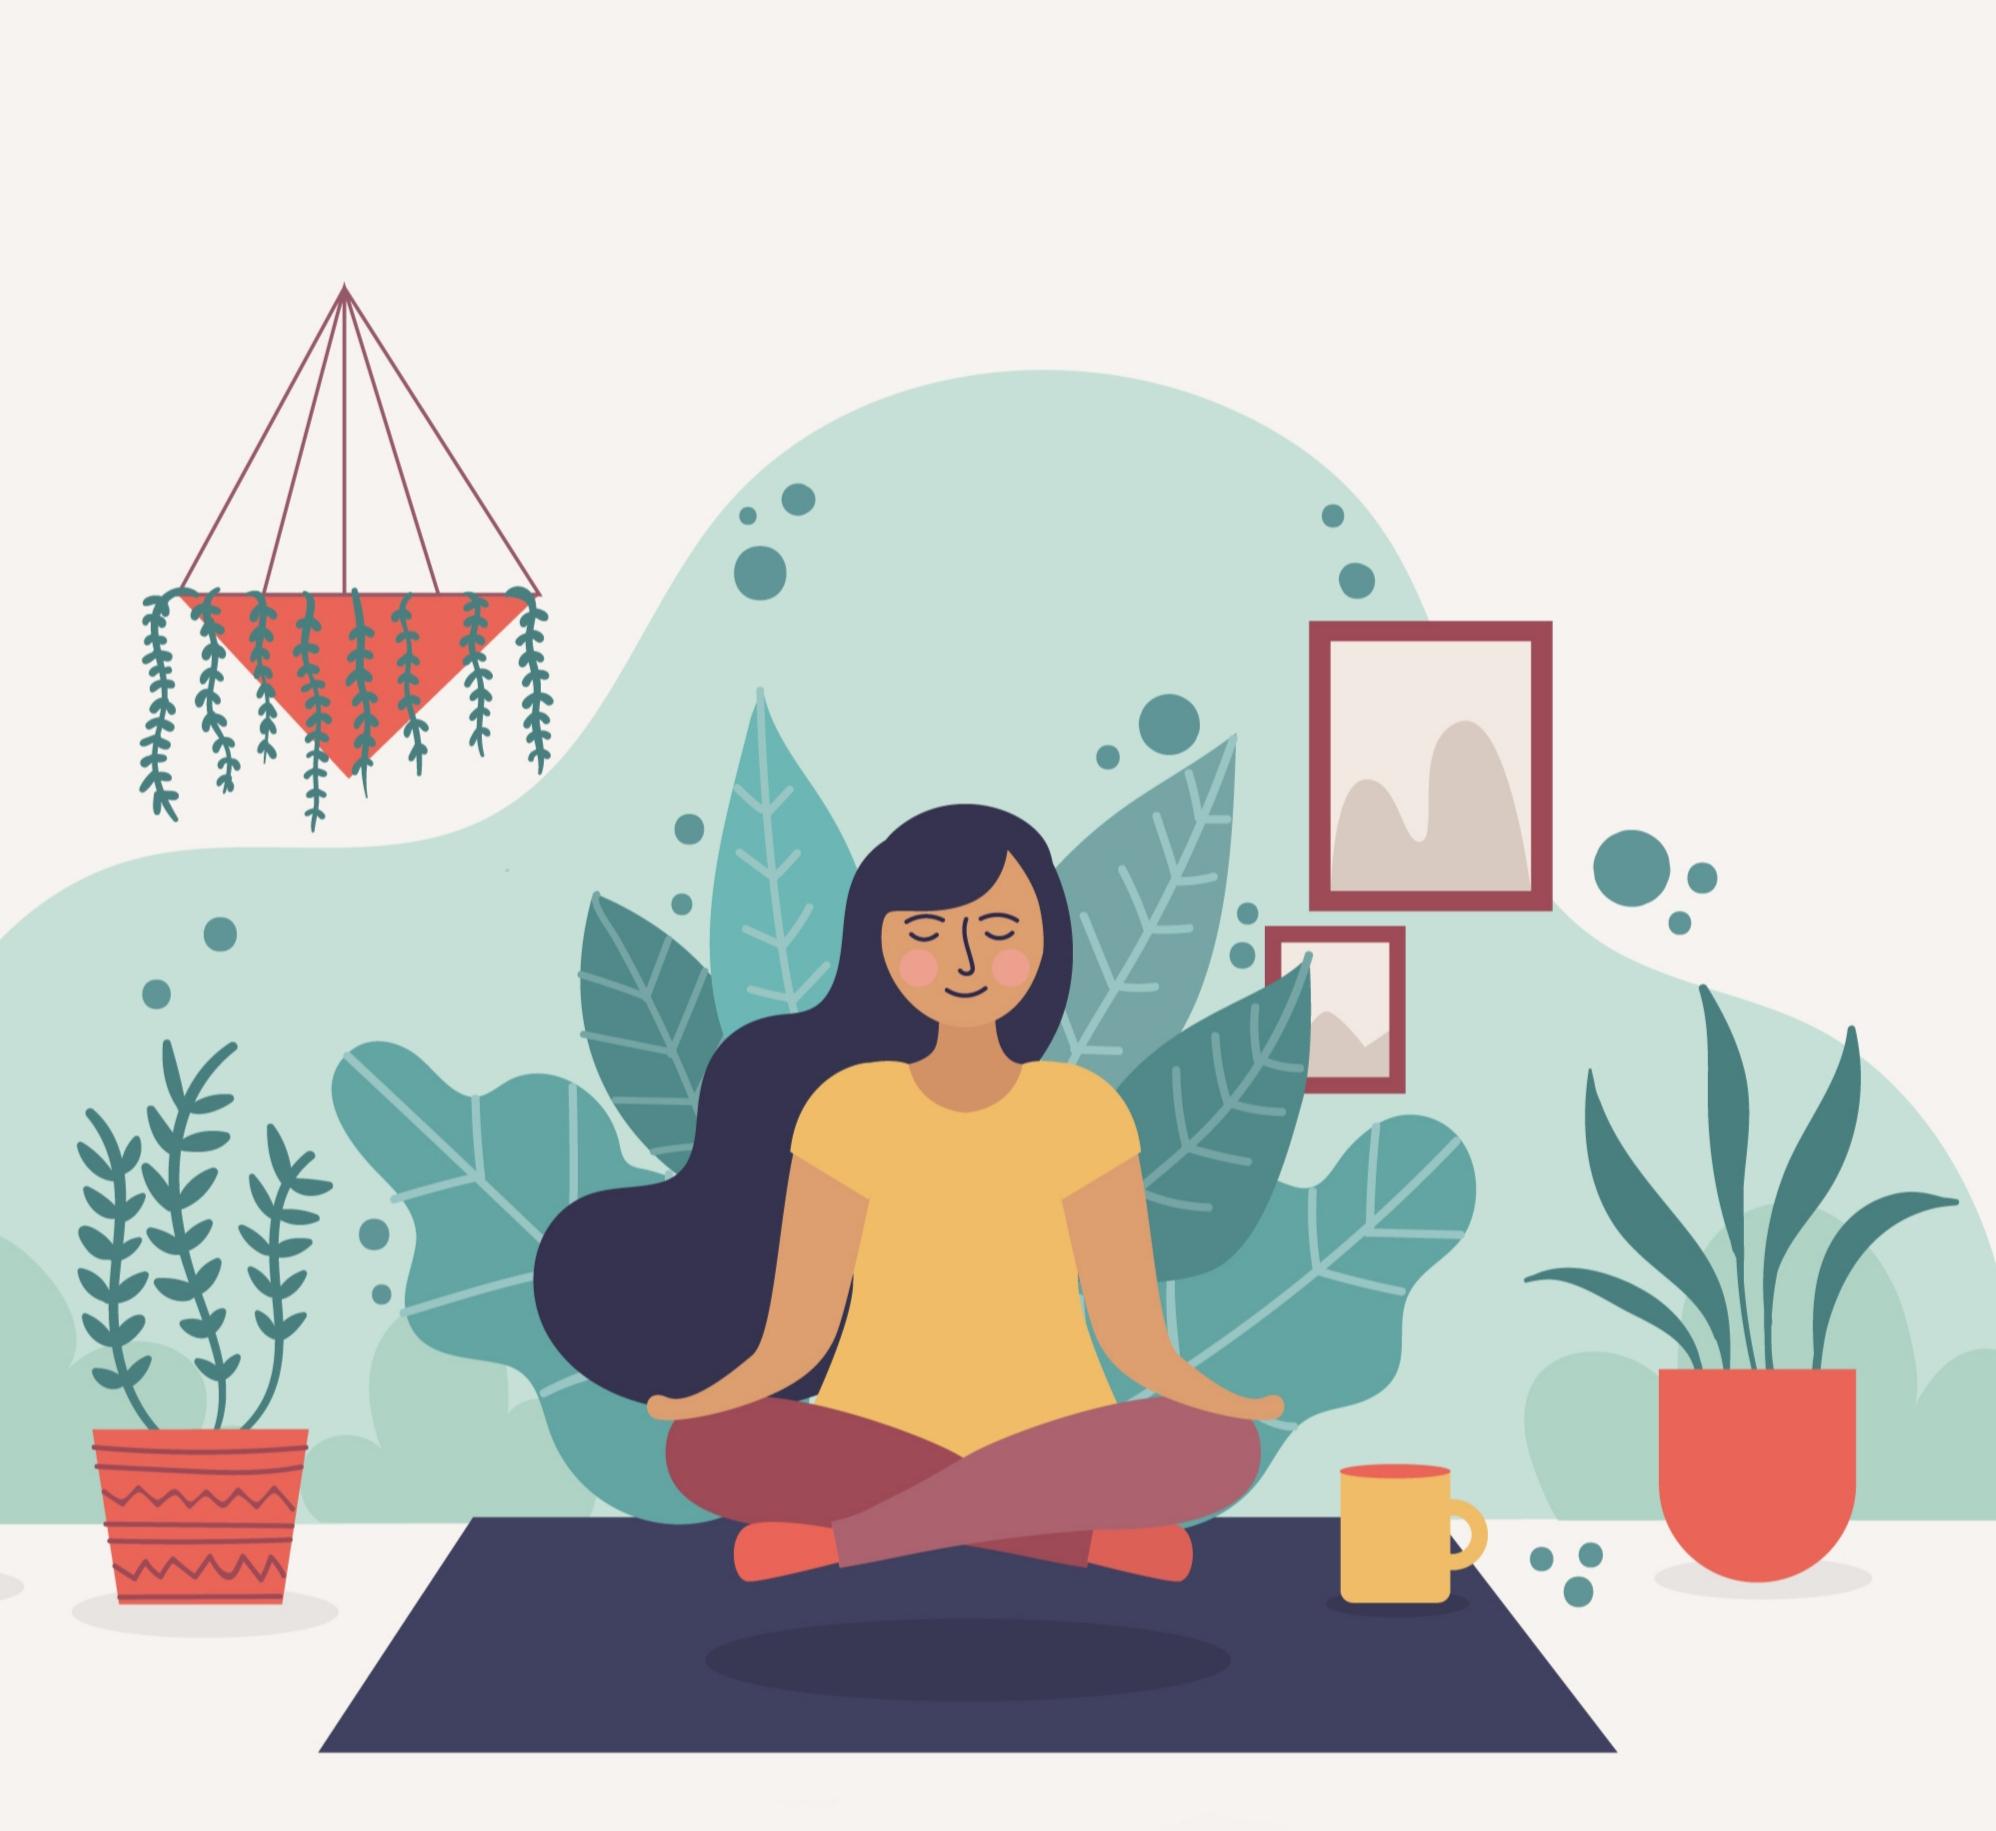 بهتر است قبل از آنکه اضطراب به سراغتان بیاید برای مقابله با آن آمادهشوید.